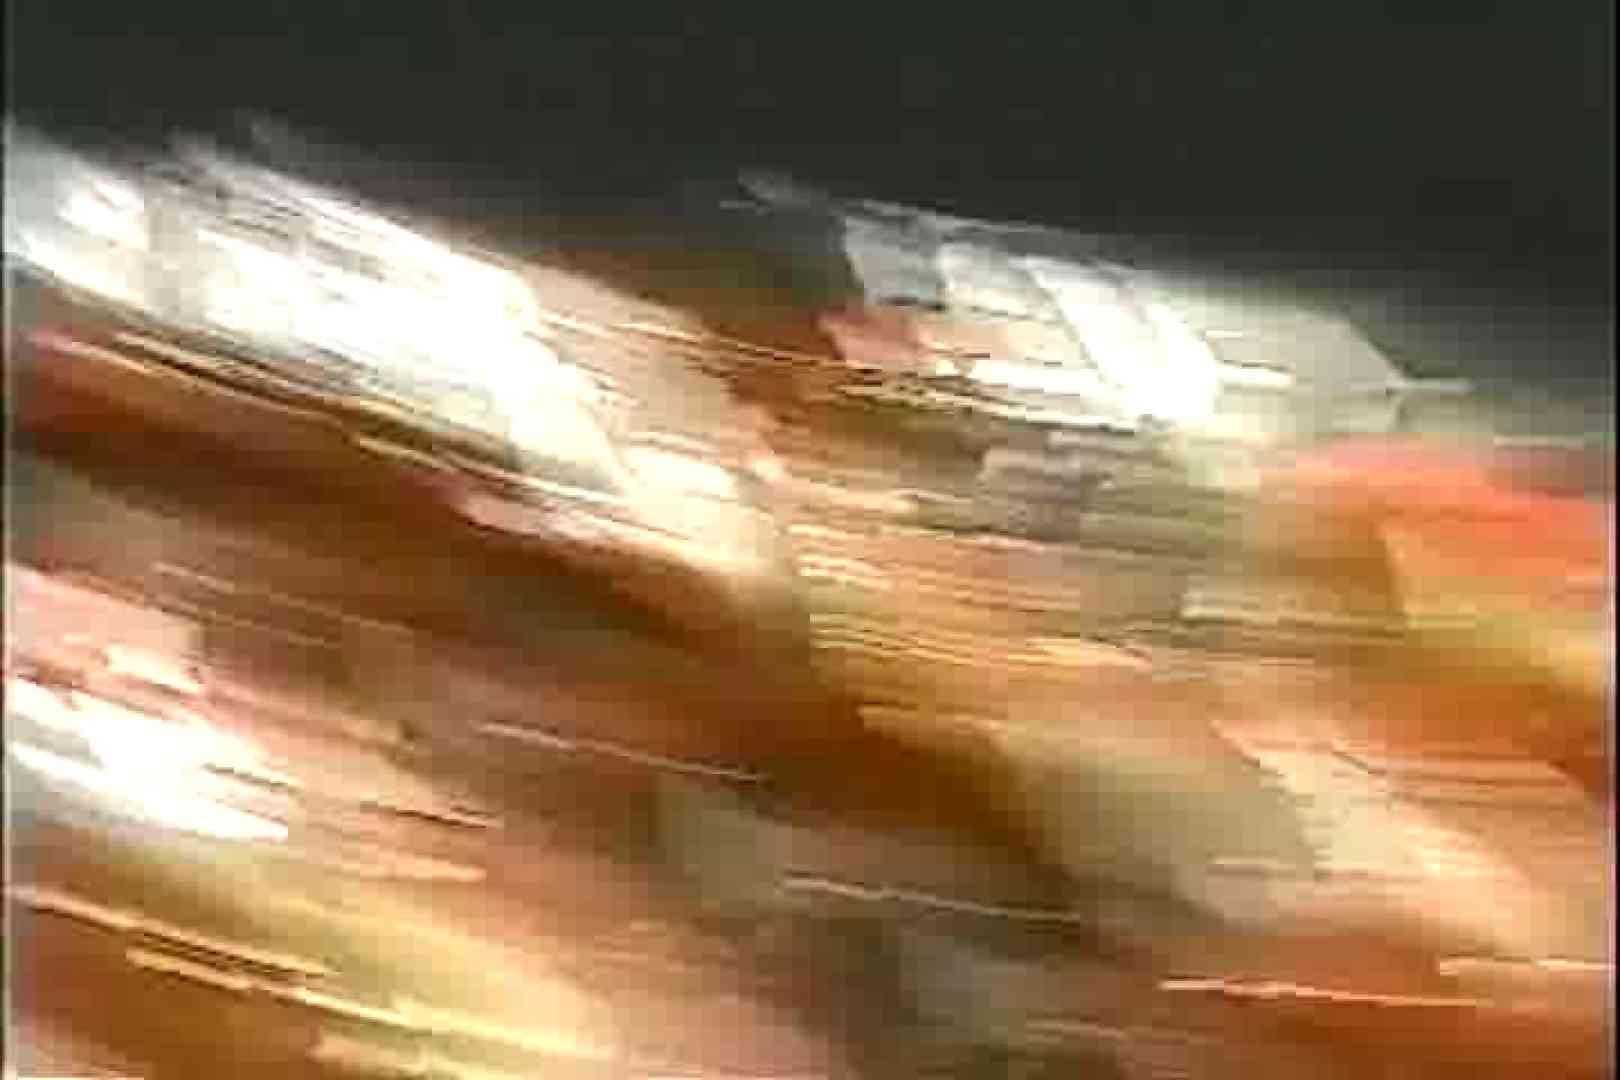 「ちくりん」さんのオリジナル未編集パンチラVol.3_01 下半身 AV動画キャプチャ 101pic 82